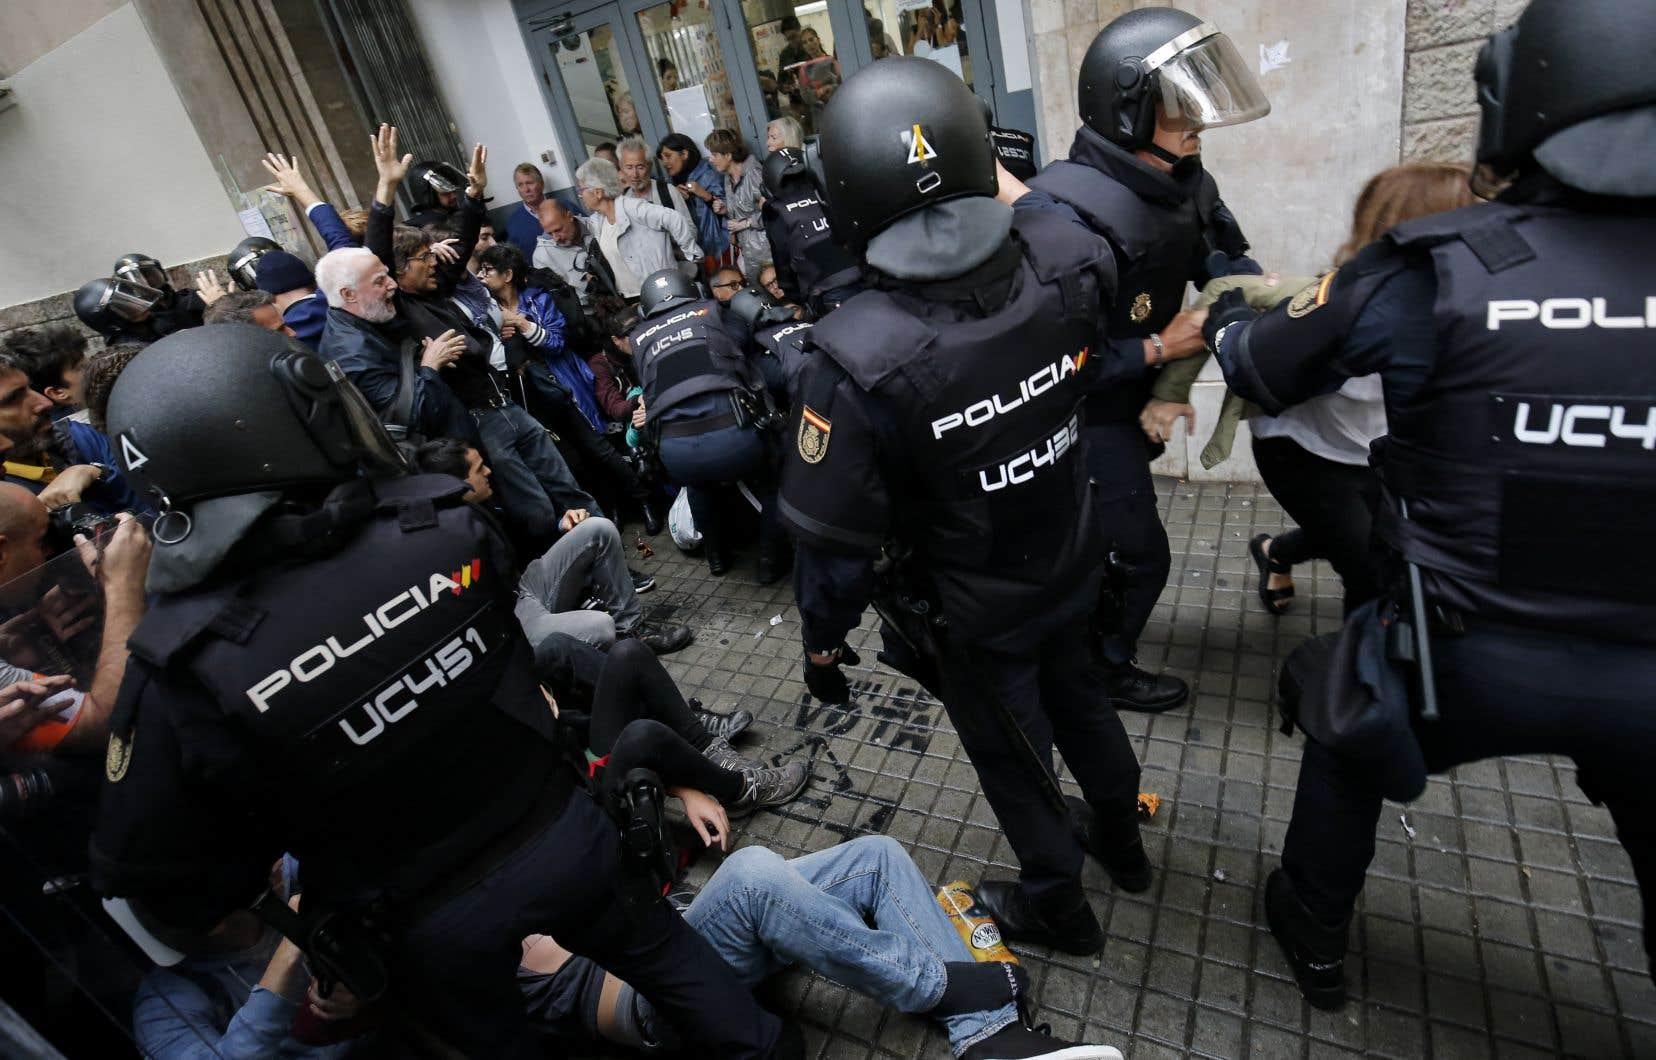 «D'un côté, des citoyens catalans qui tentent d'exercer leur droit de vote, et de l'autre, une police antiémeute qui fait preuve d'une violence inouïe», souligne l'auteur.